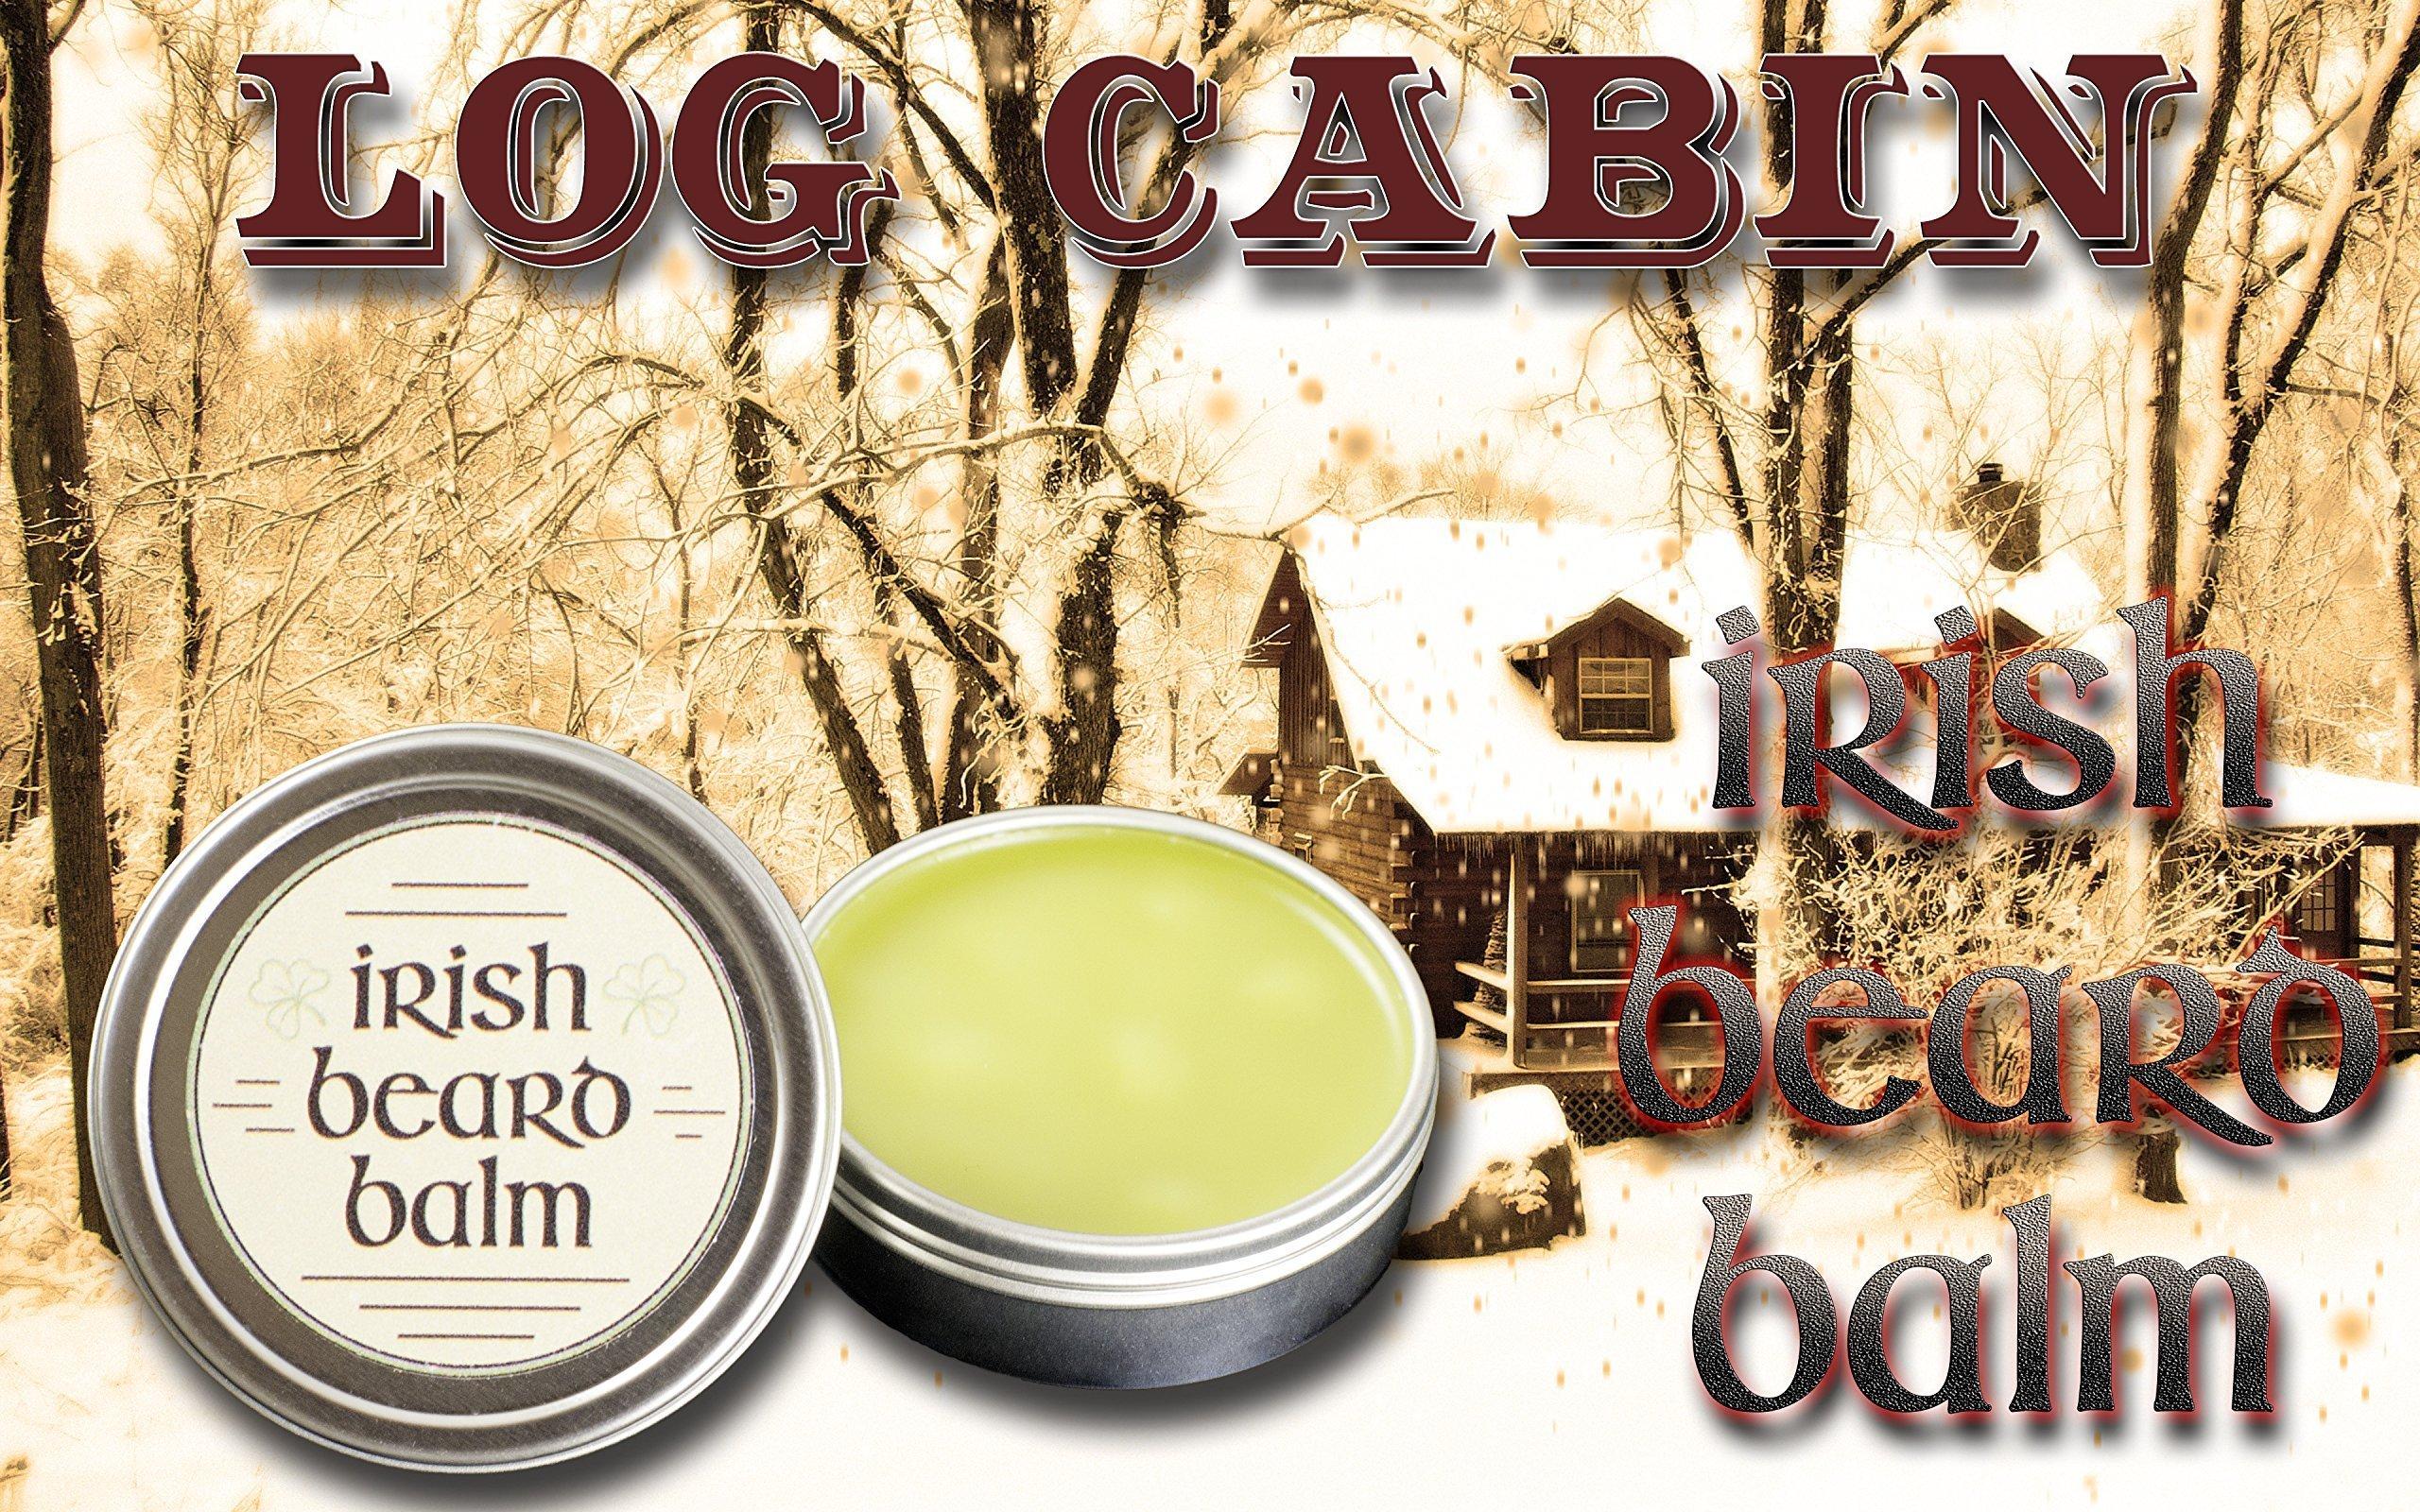 Irish beard balm Log Cabin by Irish beard balm